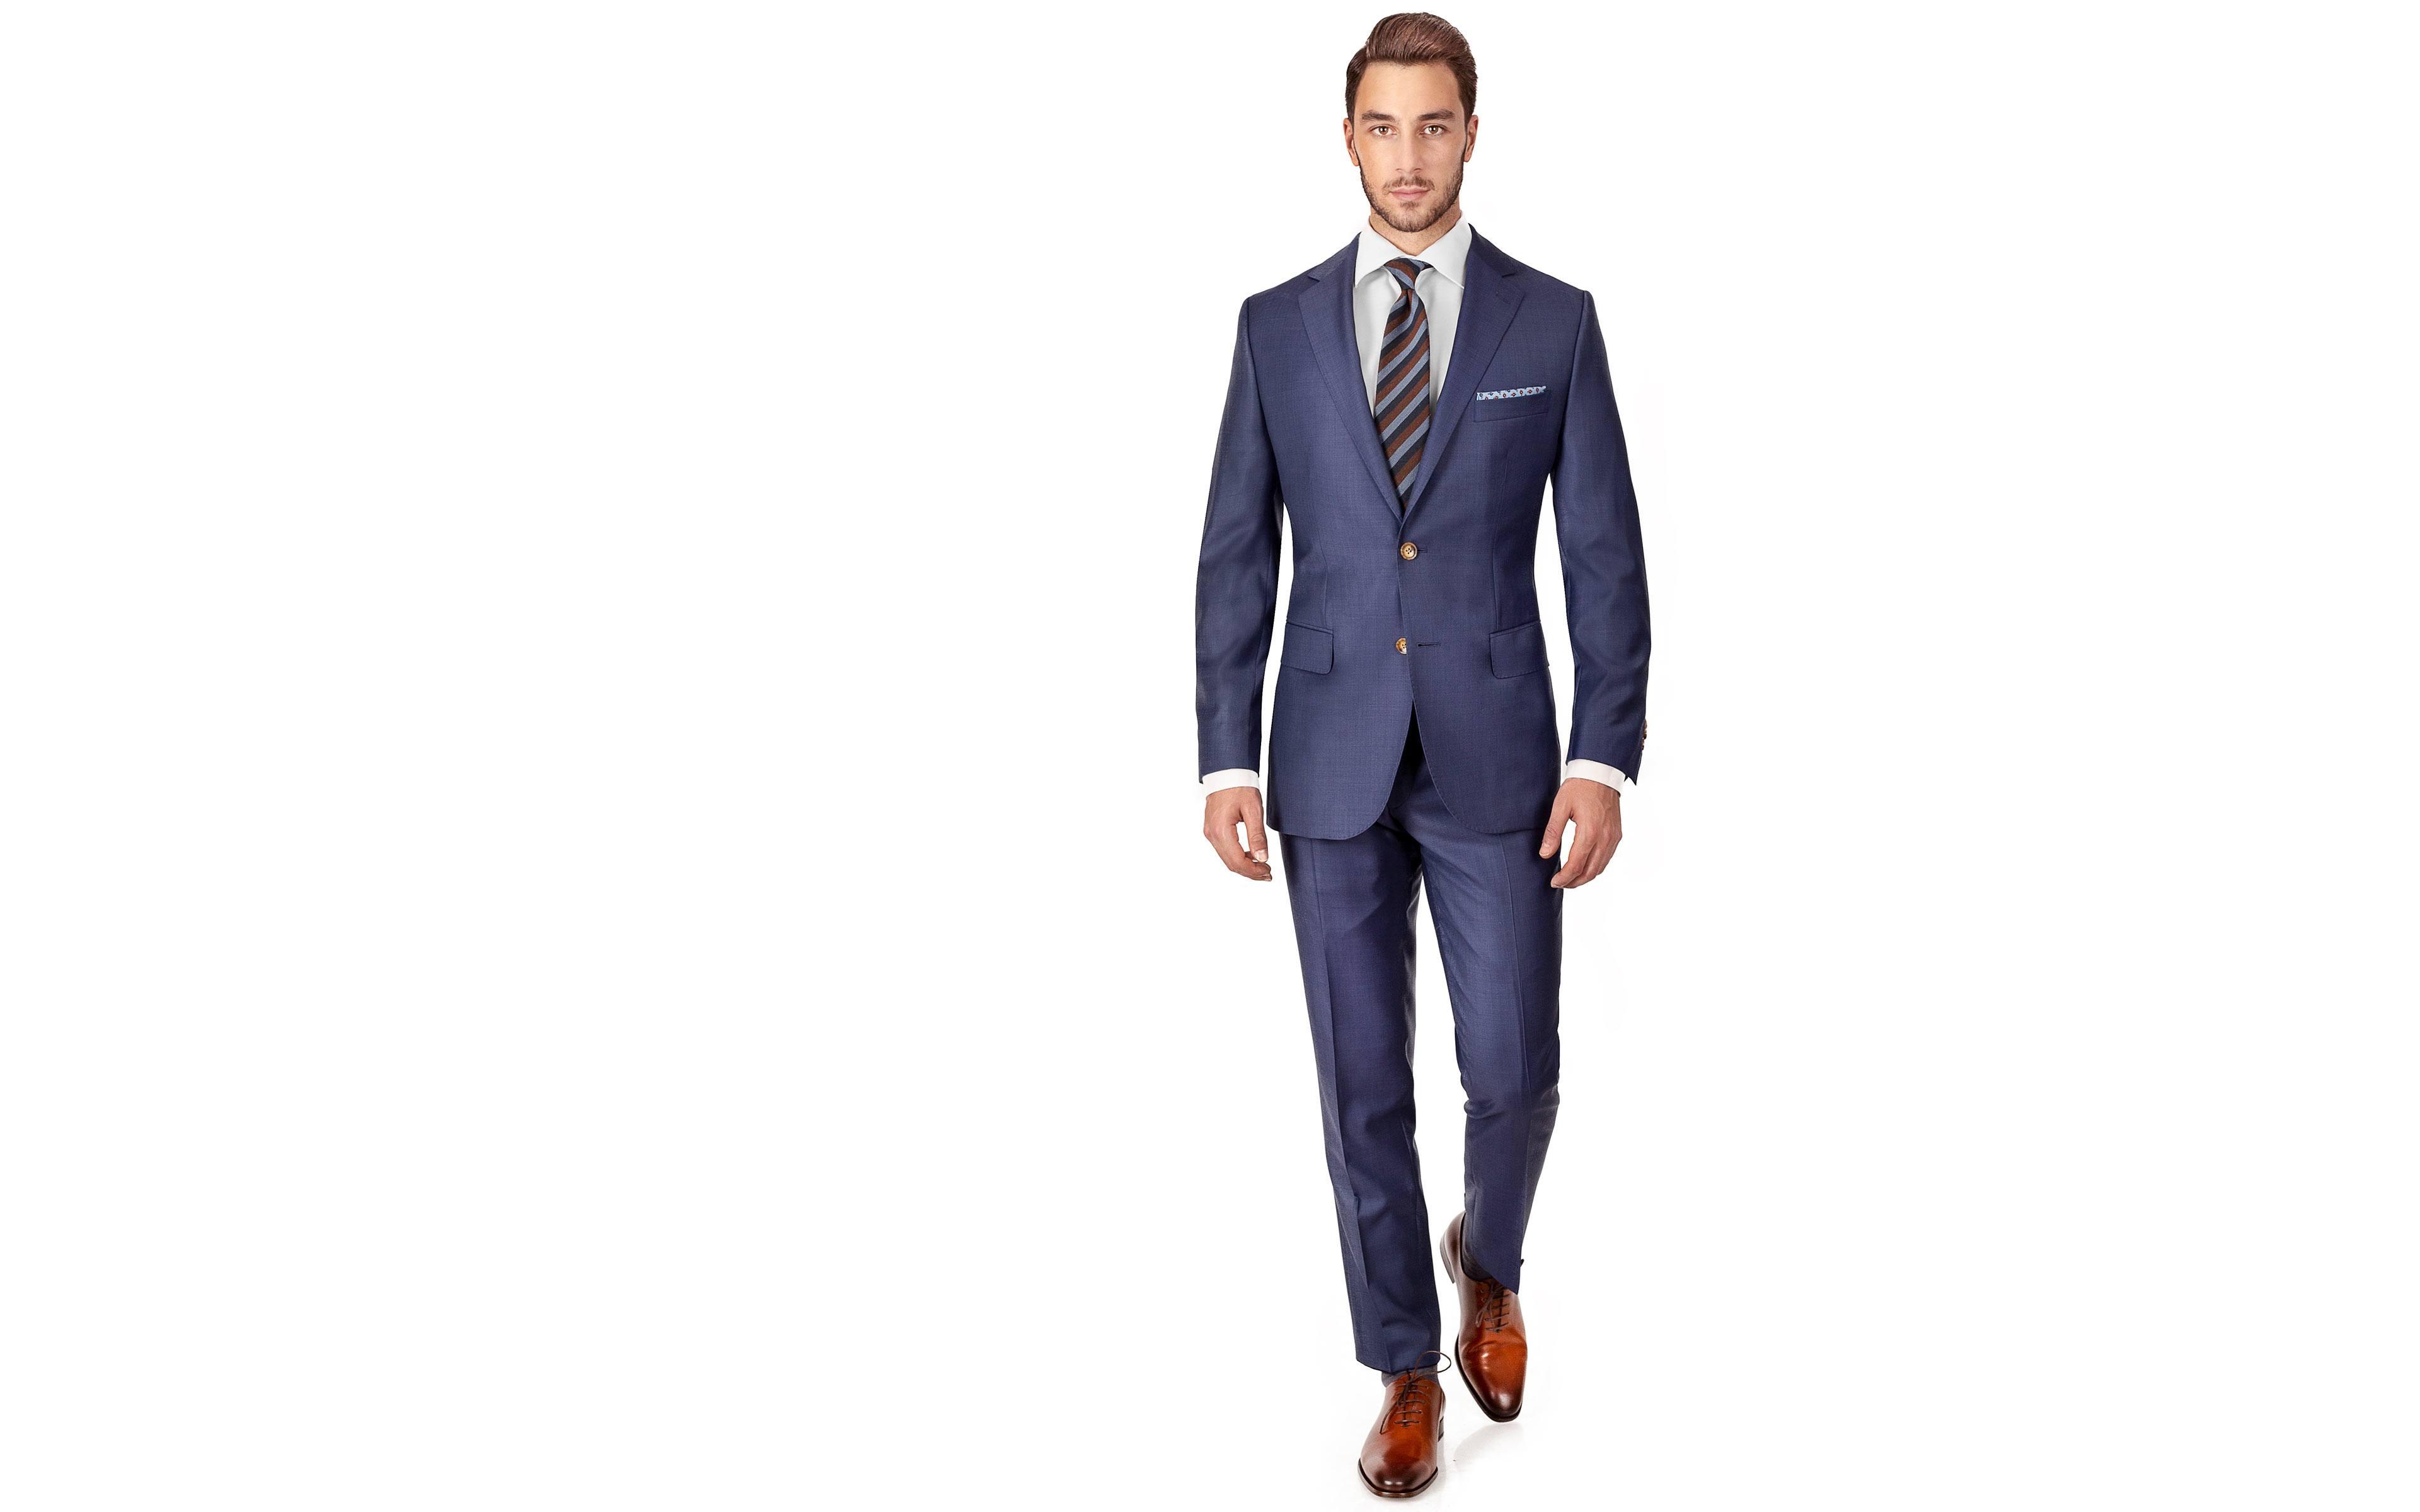 Suit in Sky Blue Pick & Pick Wool